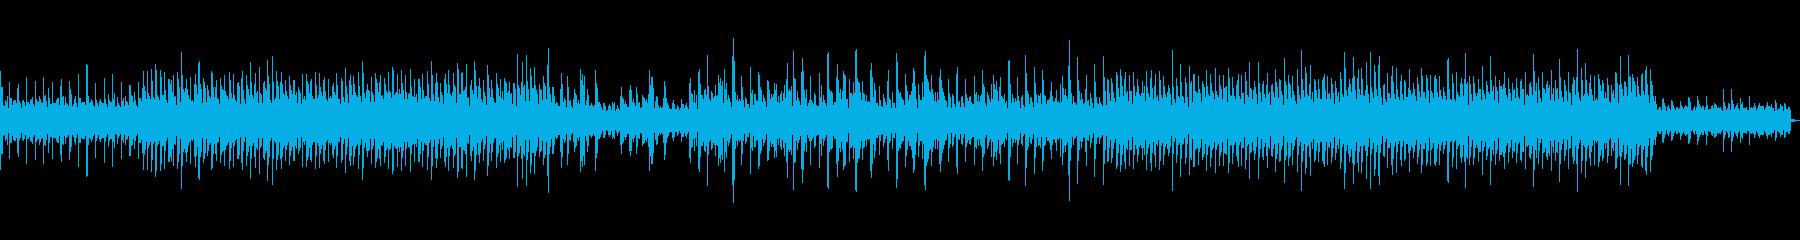 弾力性のあるラグタイム/バーレスク...の再生済みの波形